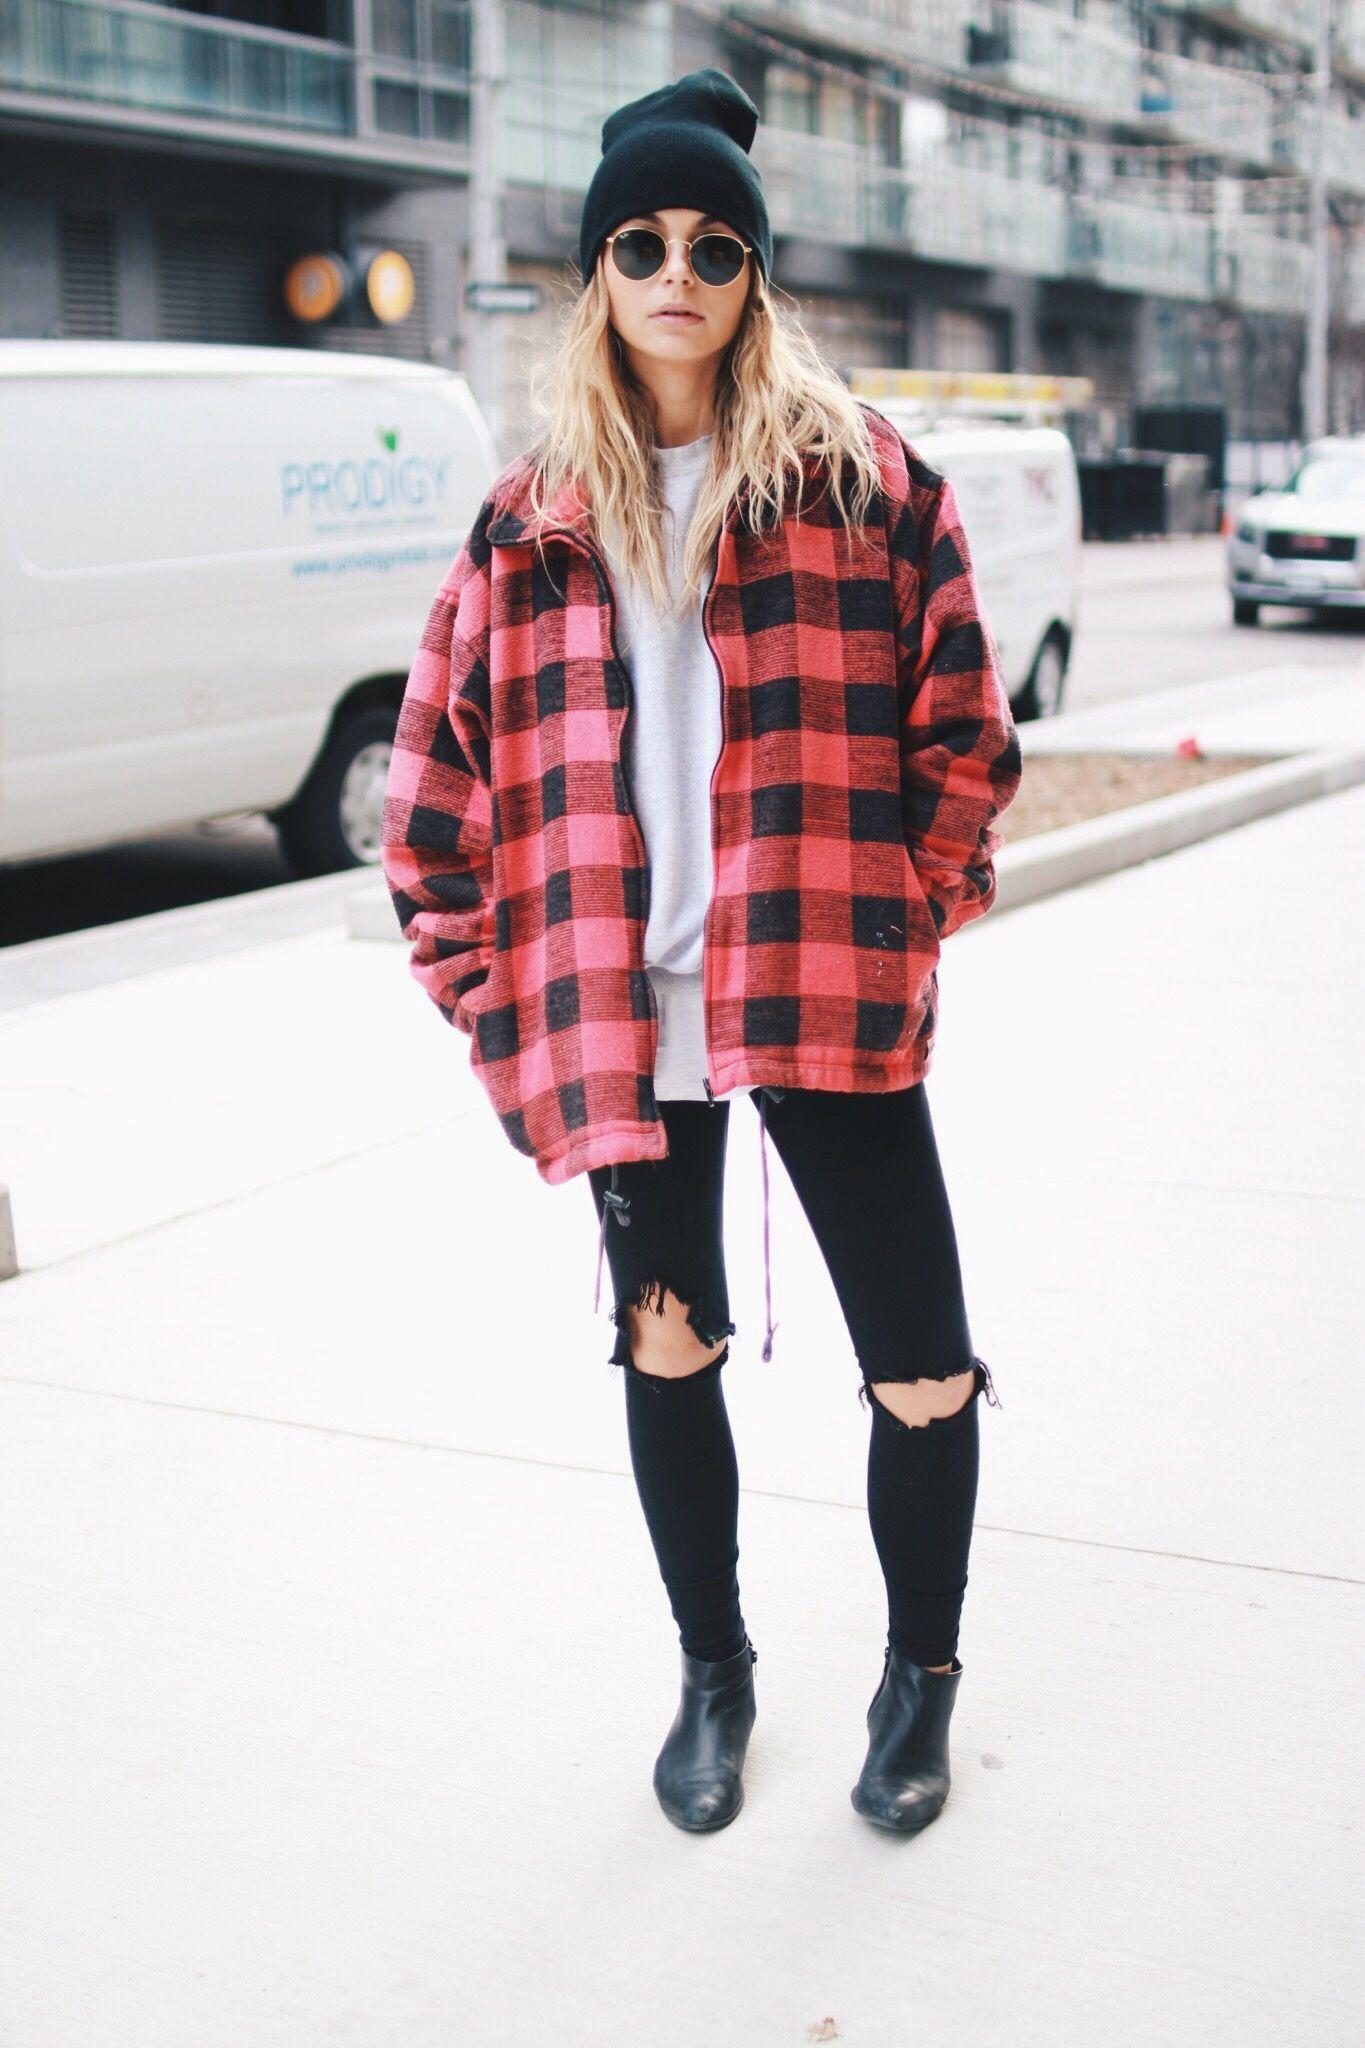 instagram: @allegrashaw | Grunge outfits winter, Cold